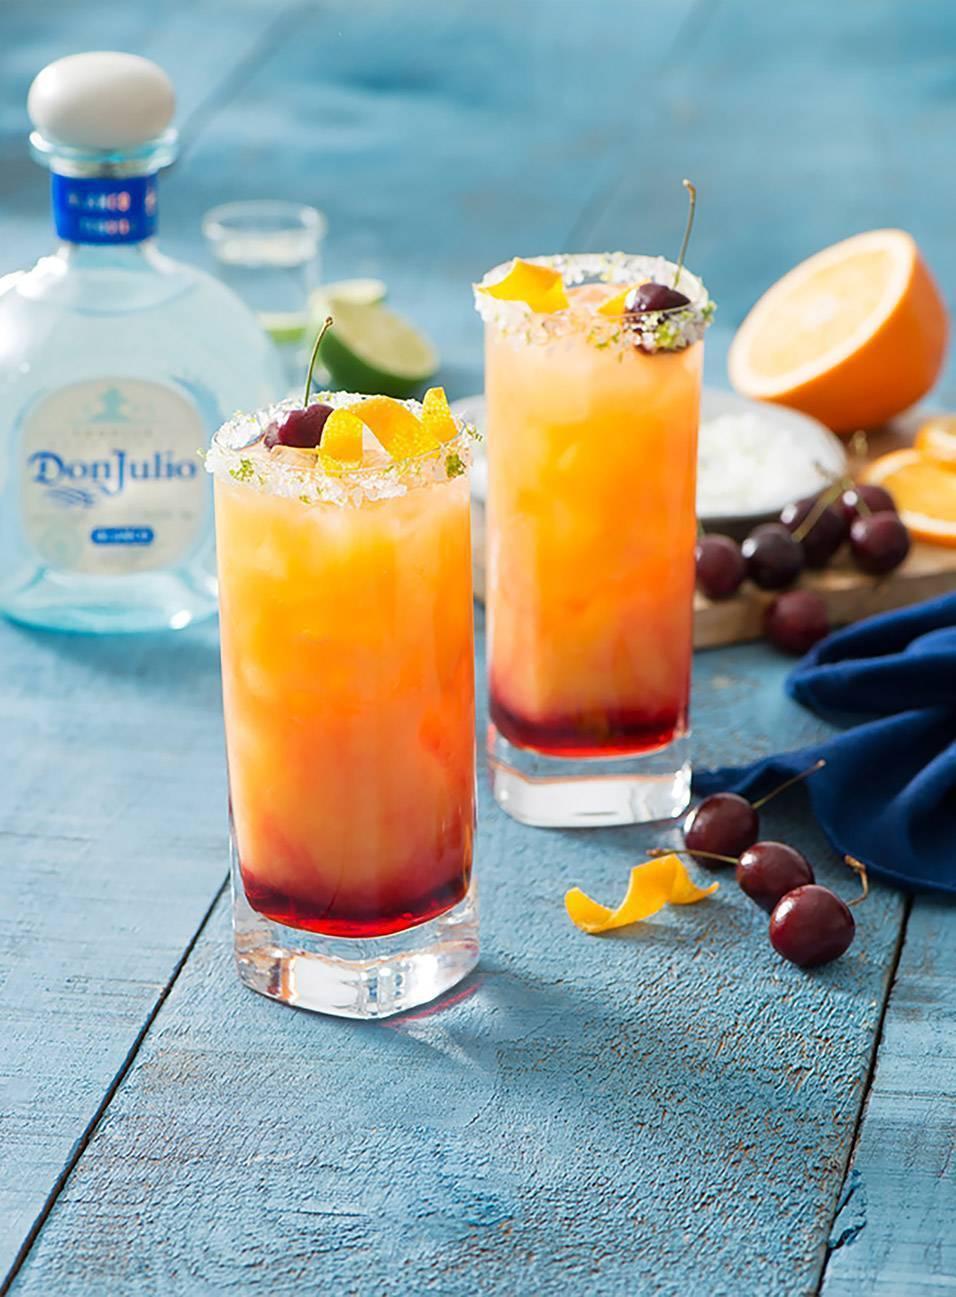 Текила с соком: 5 рецептов коктейлей для вечеринки!